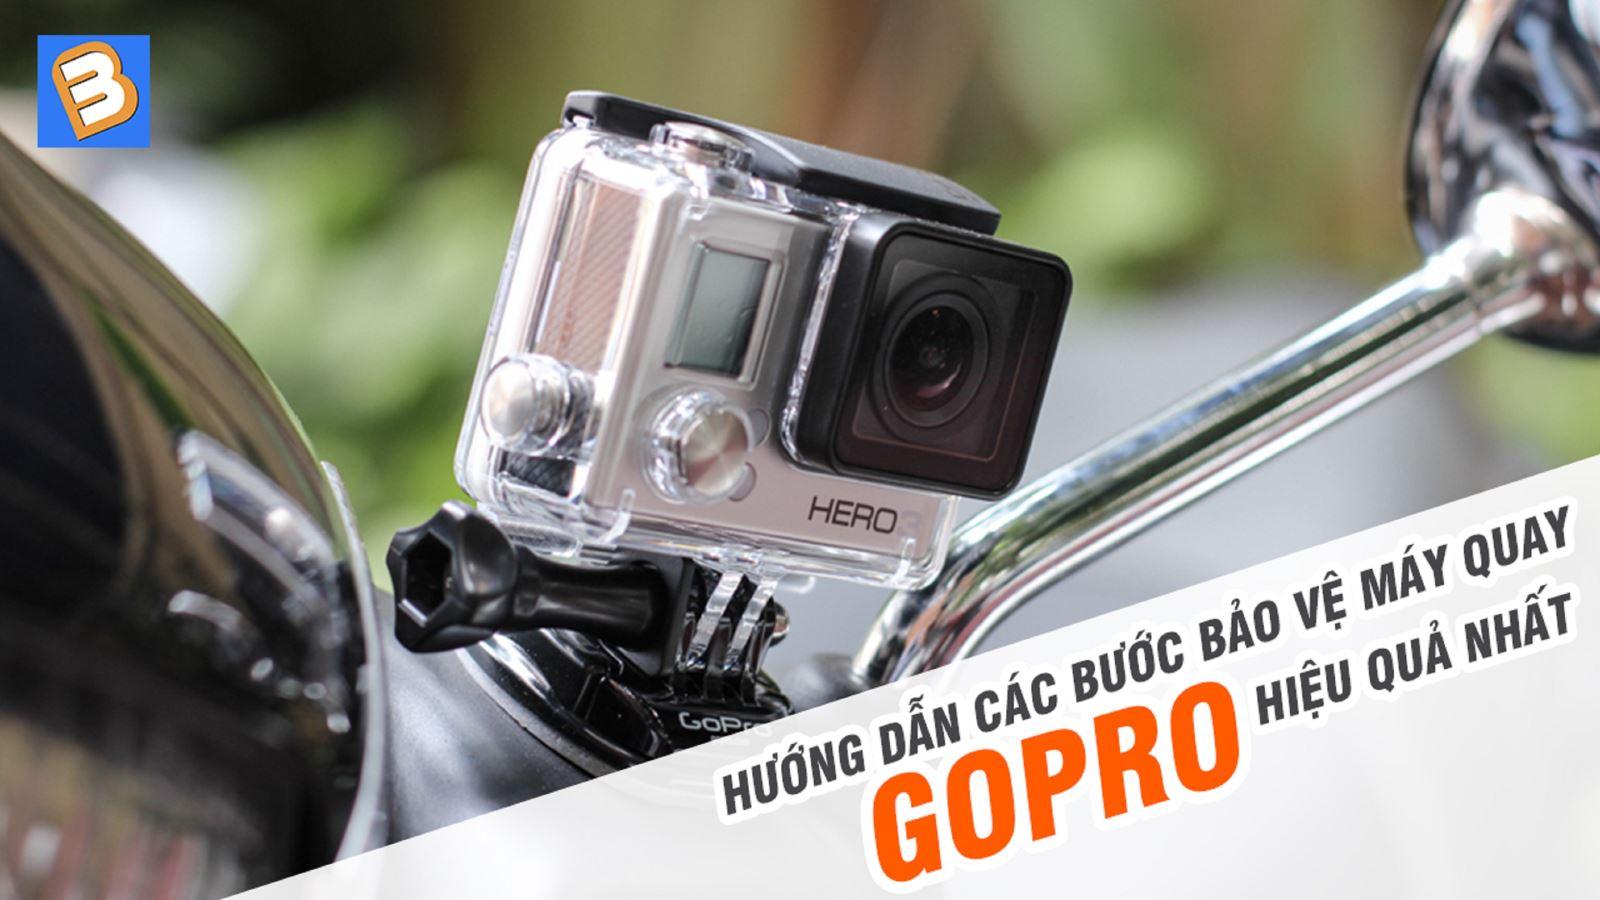 Hướng dẫn các bước bảo vệ máy quay Goprohiệu quả nhất